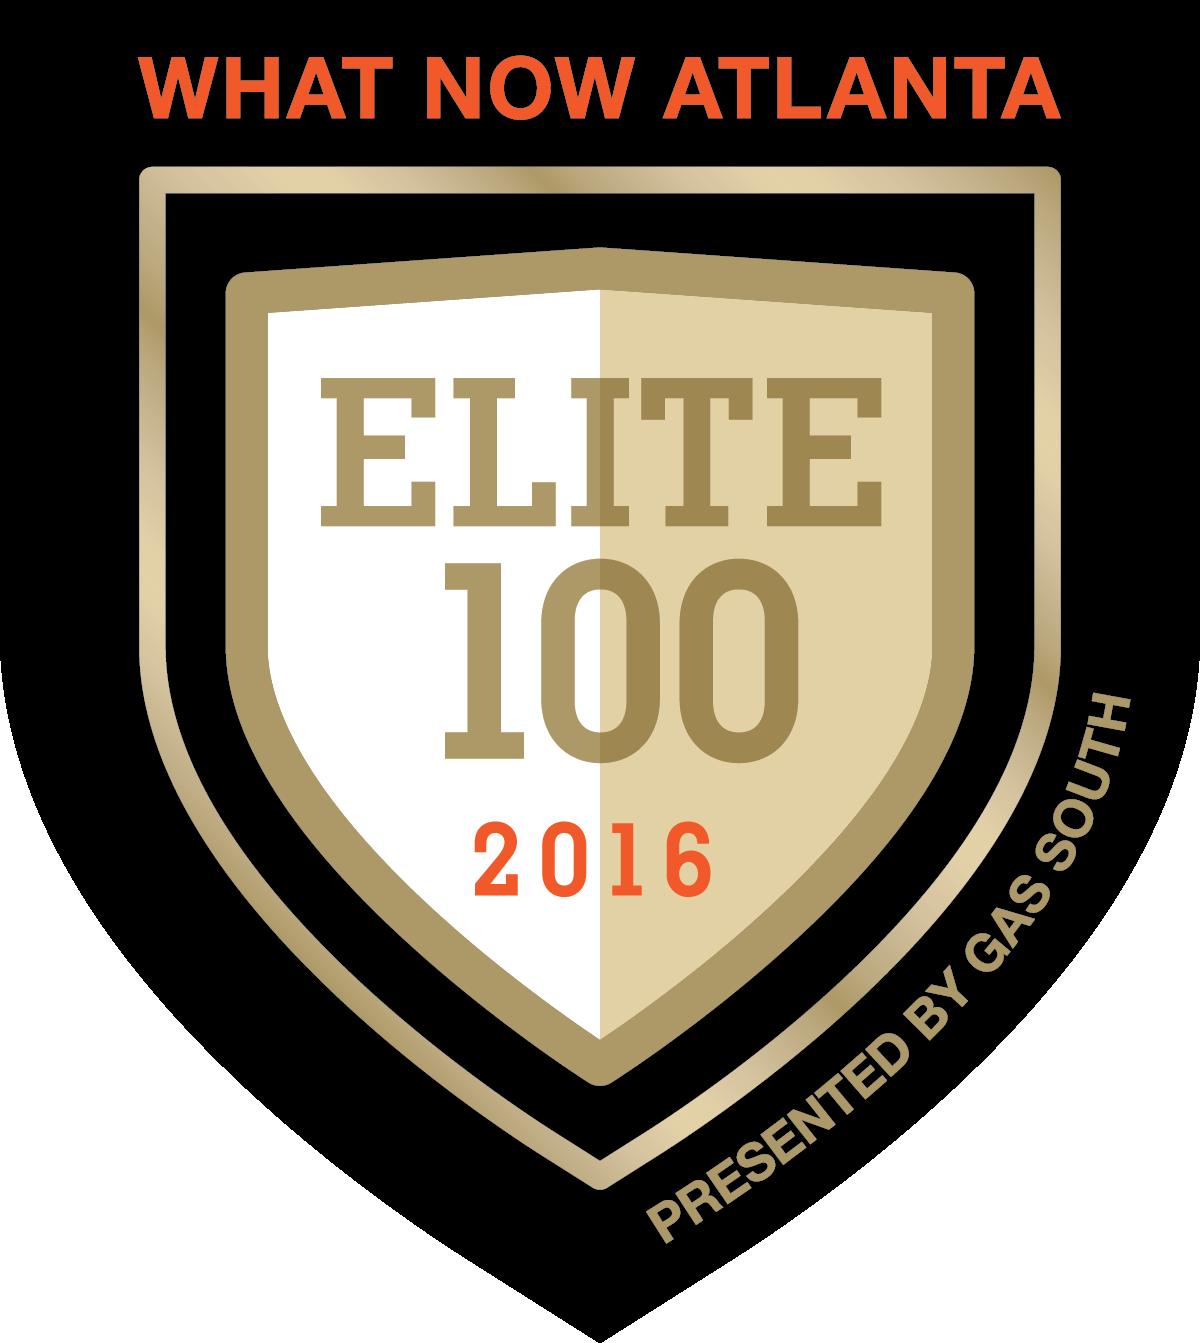 Elite 100 - What Now Atlanta